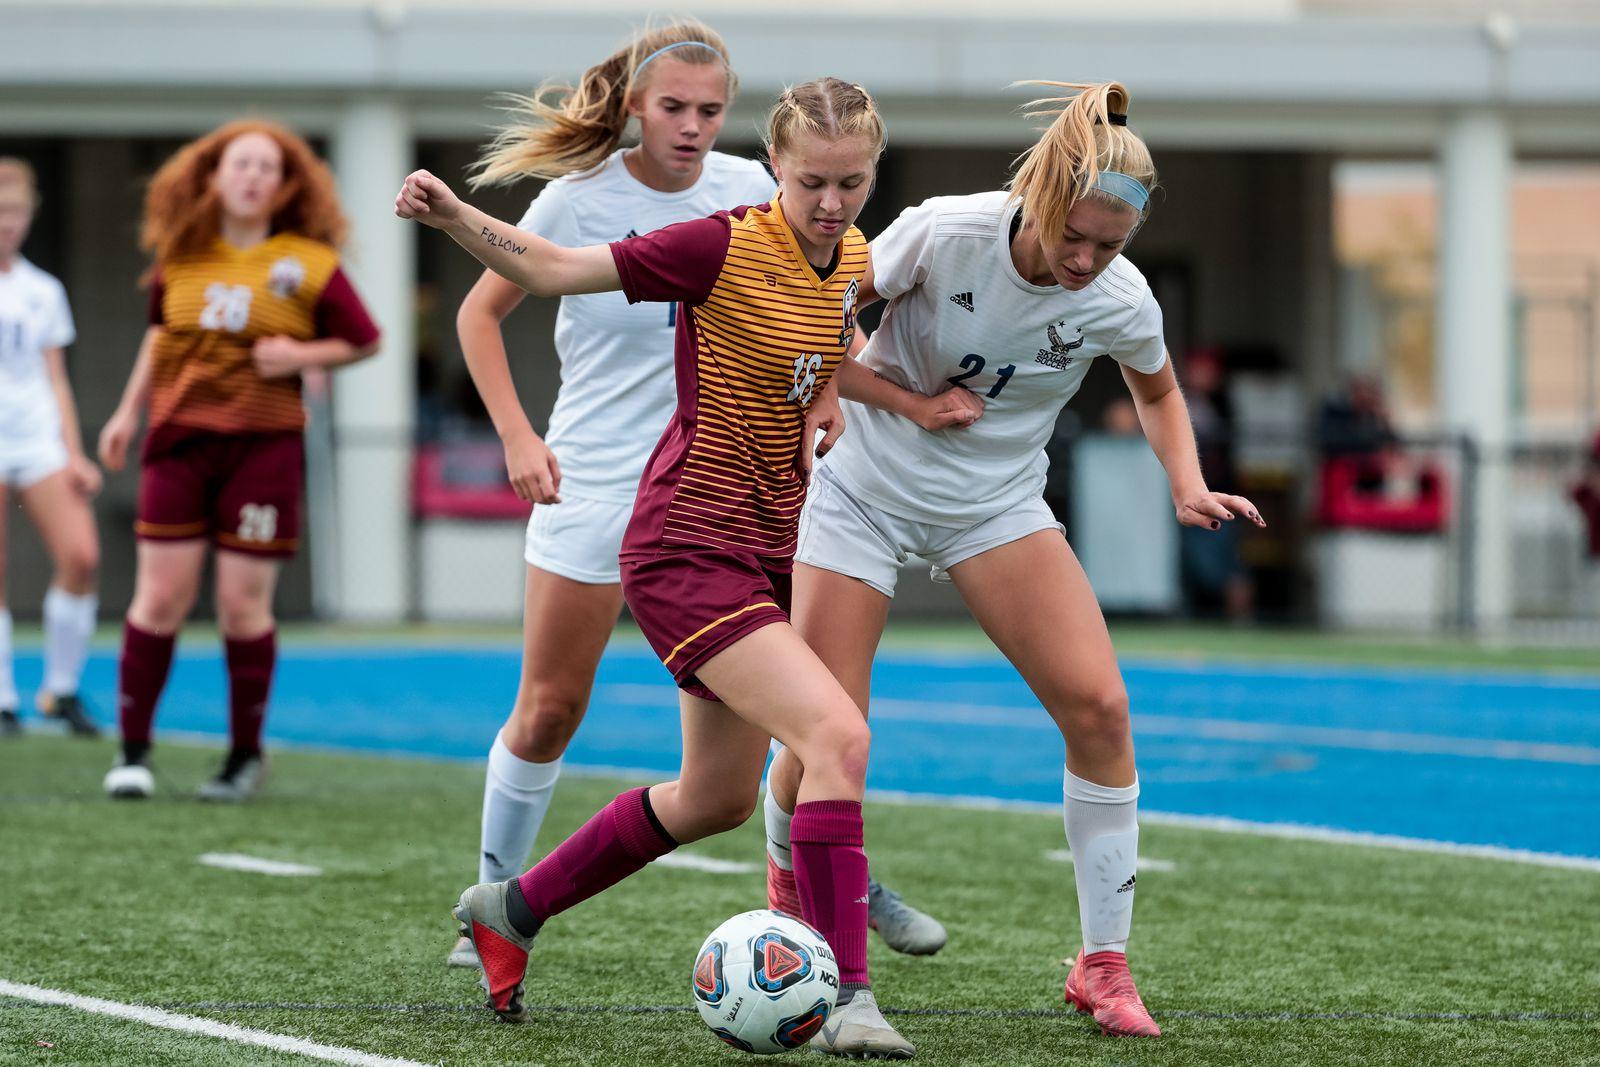 Girls Soccer: Academic, all-region, varsity letter awards